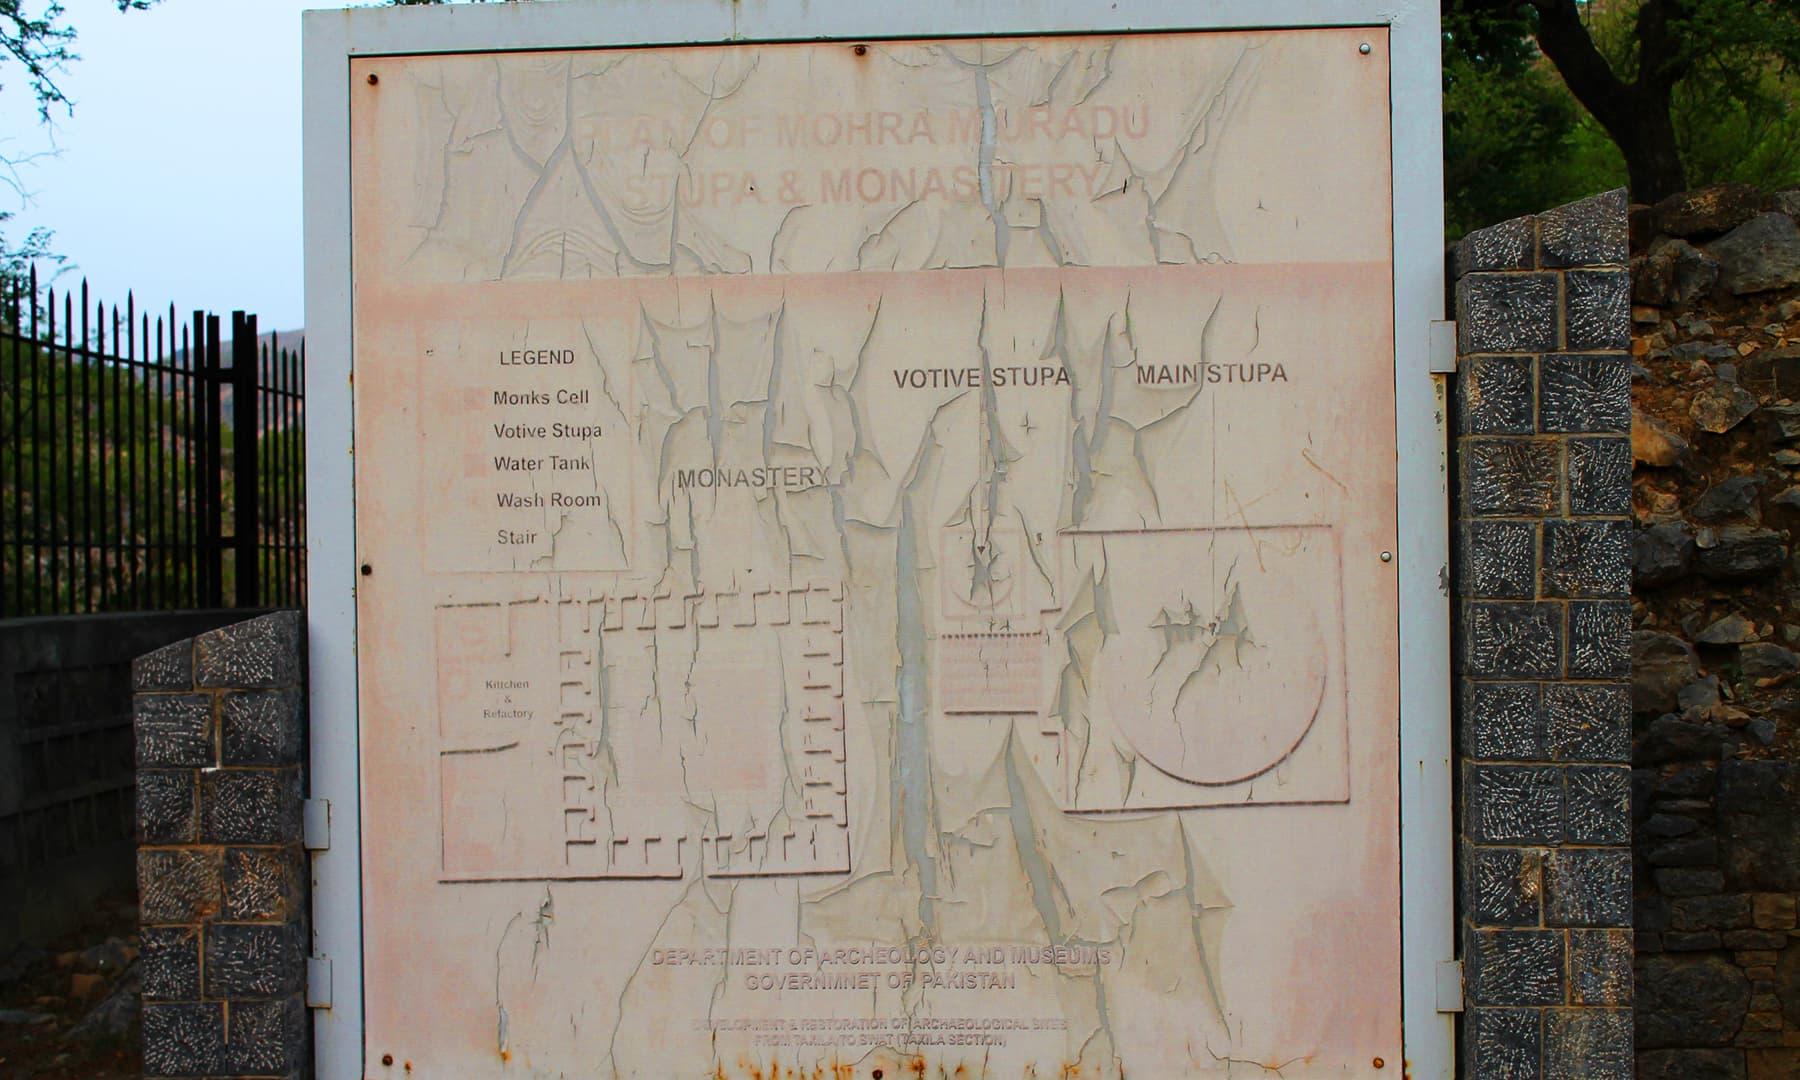 موہڑہ مُرادو کا نقشہ — تصویر ابوبکر شیخ